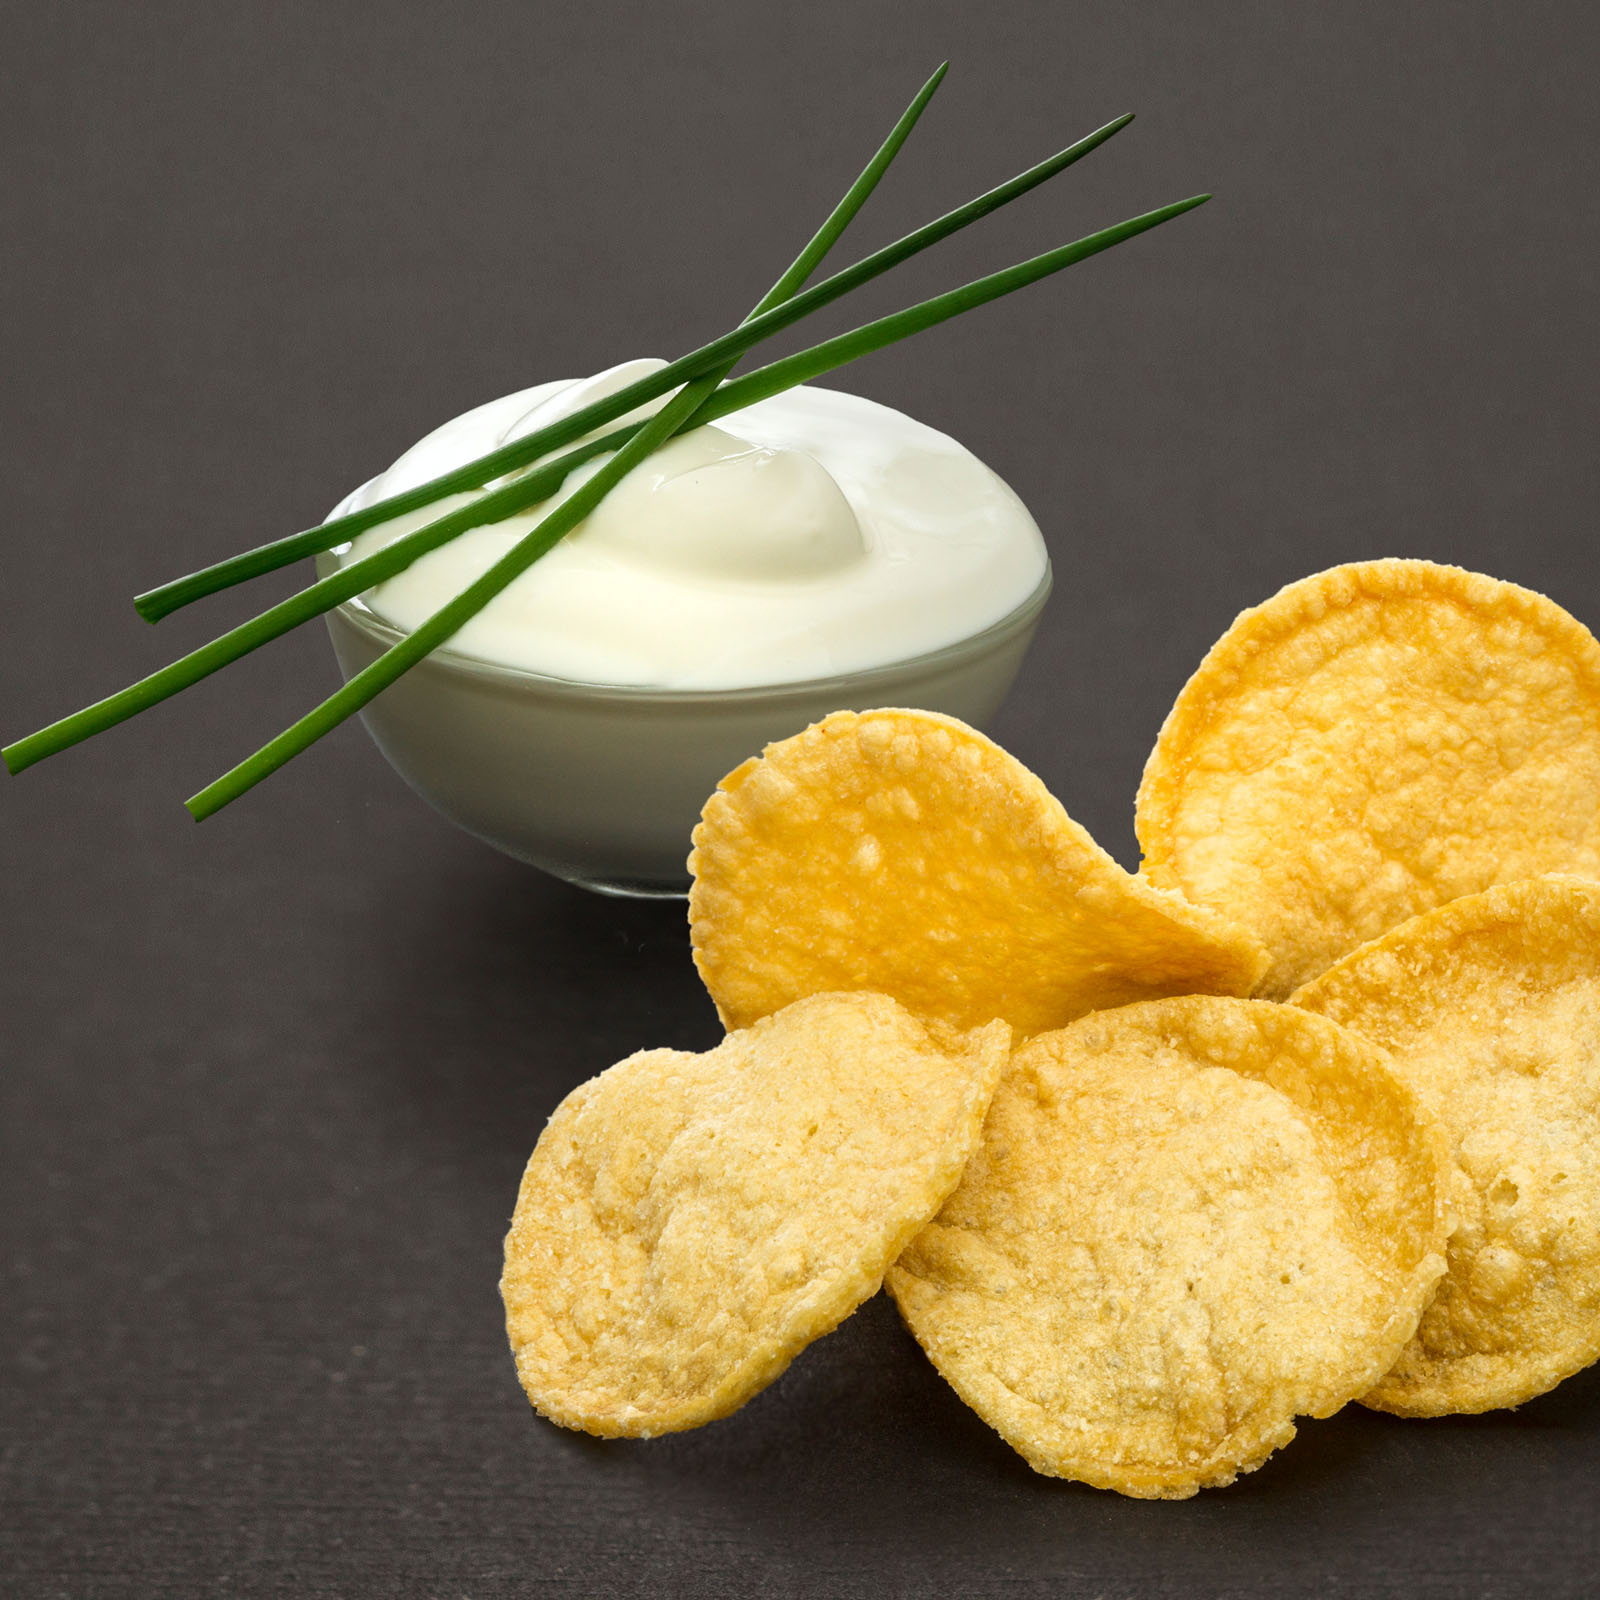 Toman Diet chips